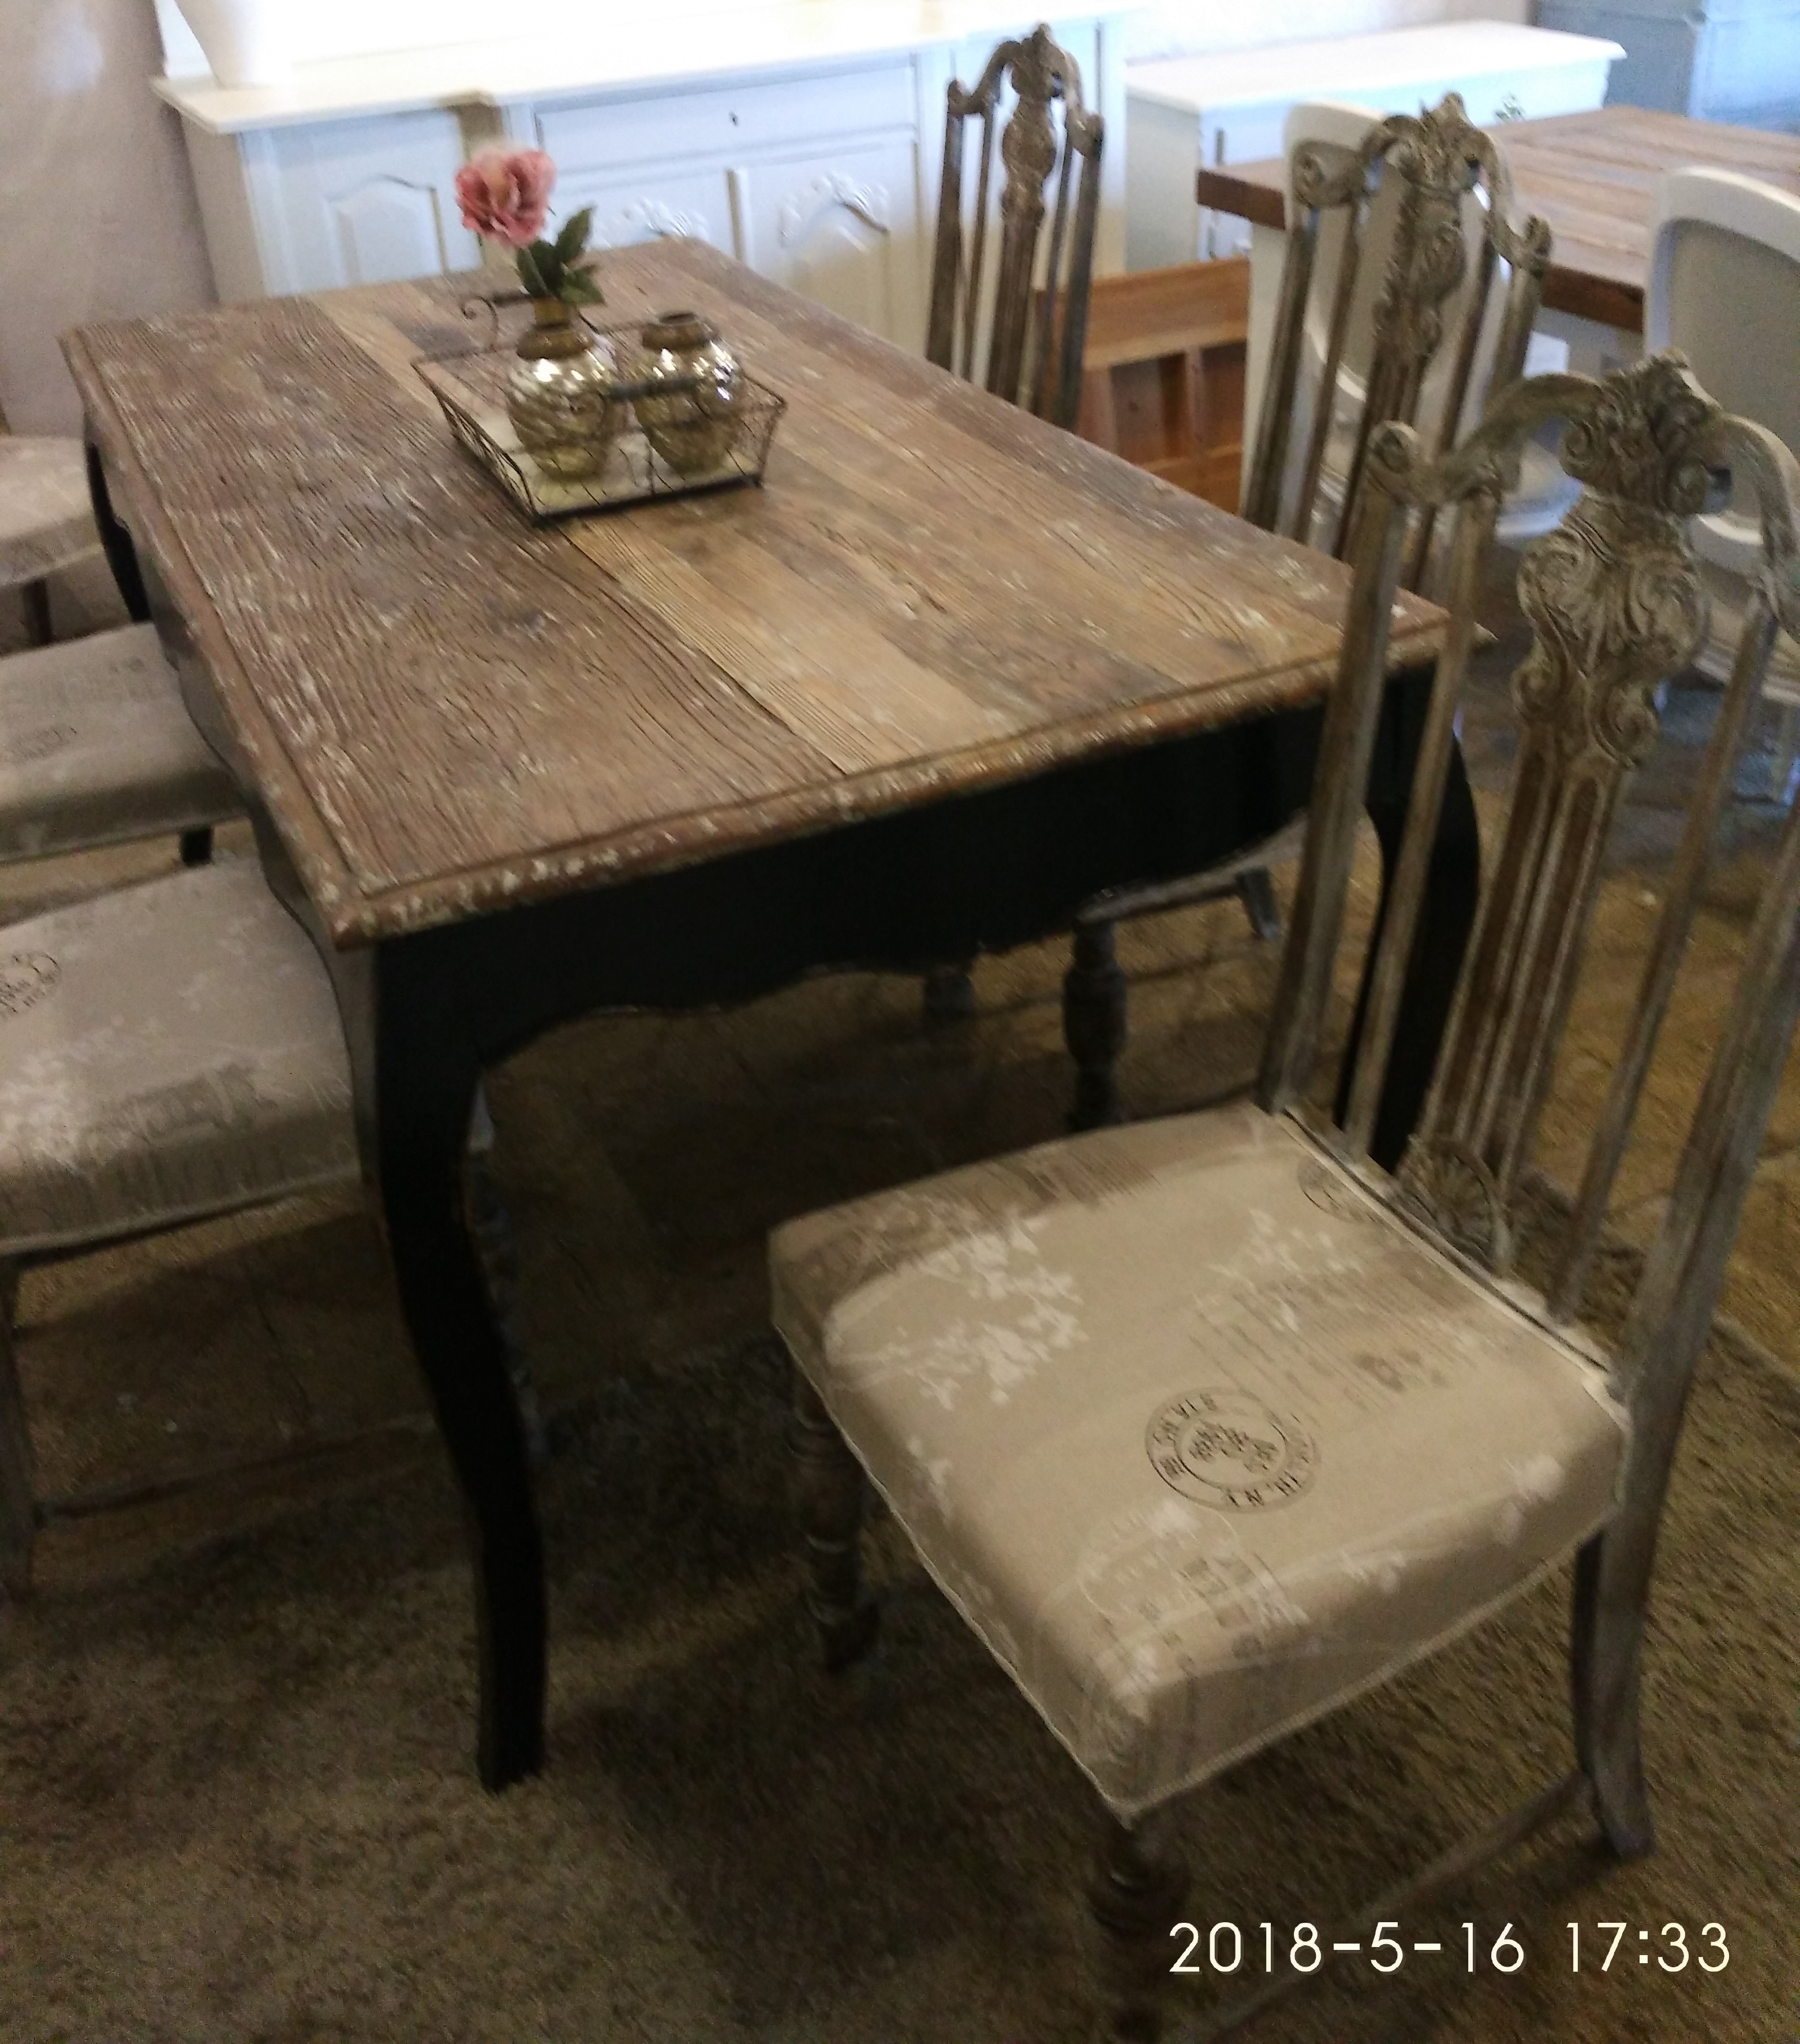 spisebord ilva Lækkert spisebord, Ilva – Kræmmerhallen i Herringløse spisebord ilva